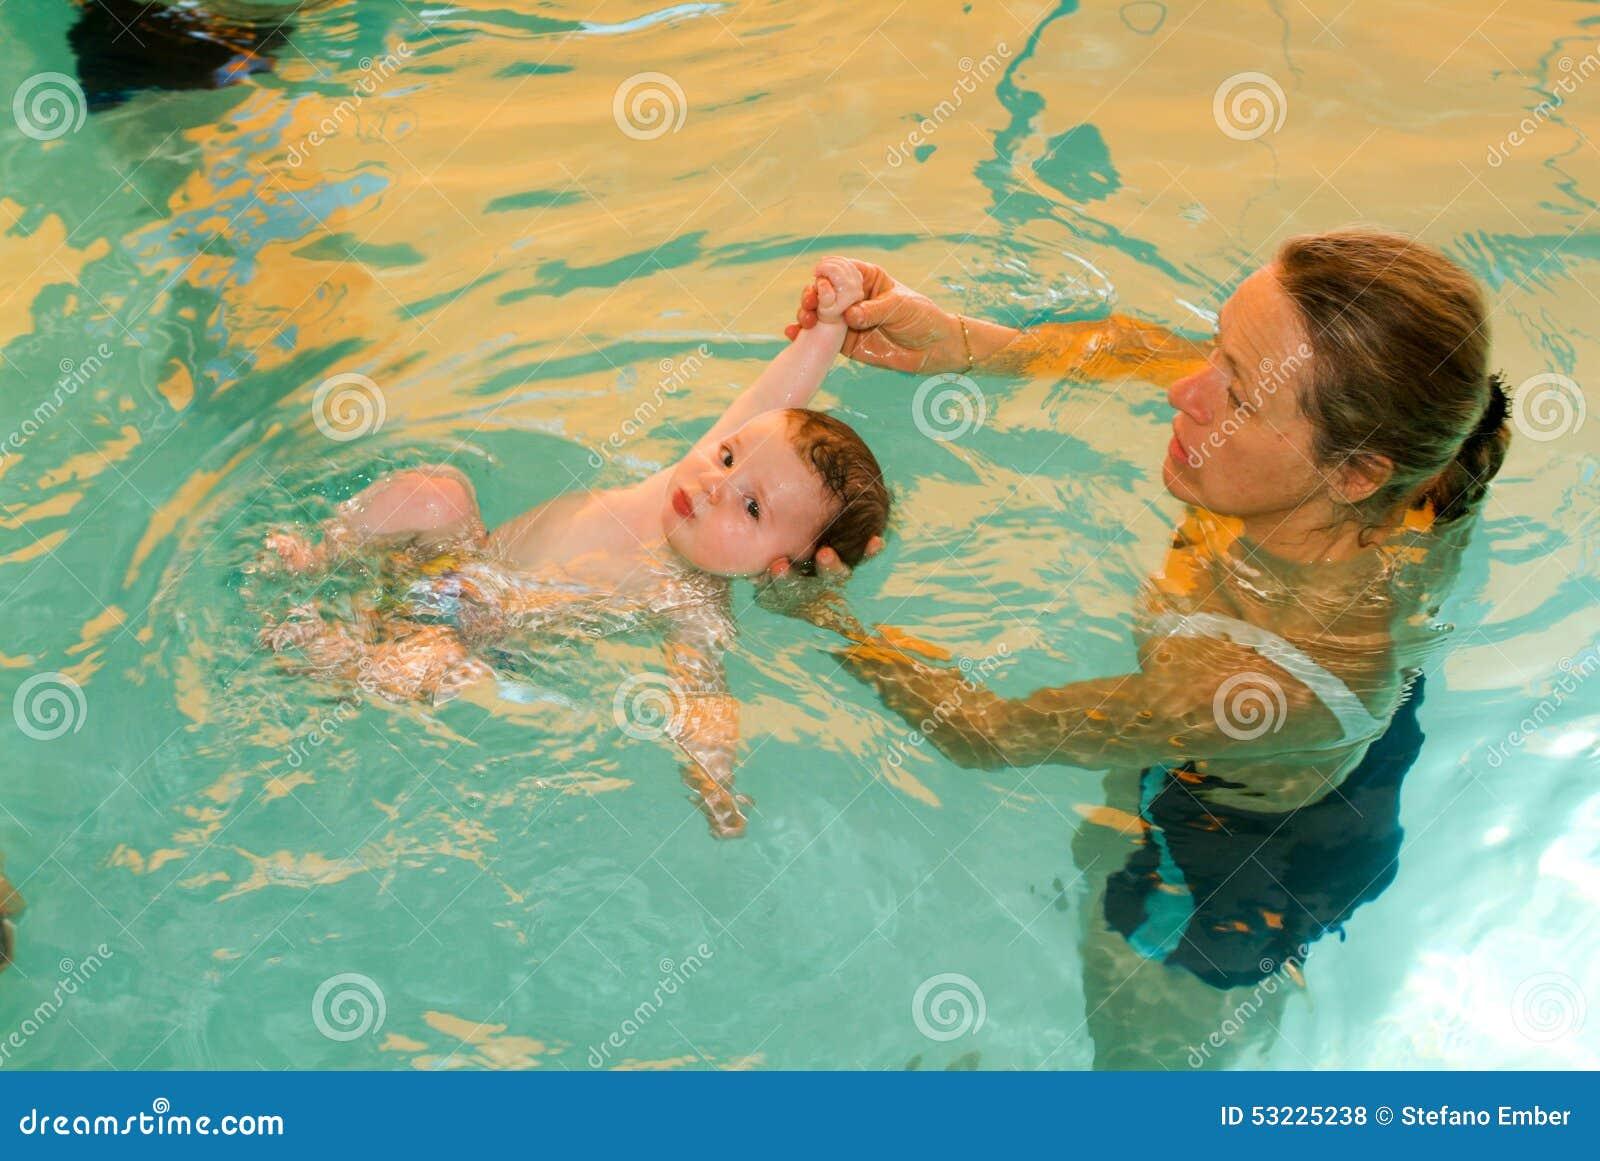 Bebê adorável que aprecia nadar em uma associação com sua mãe